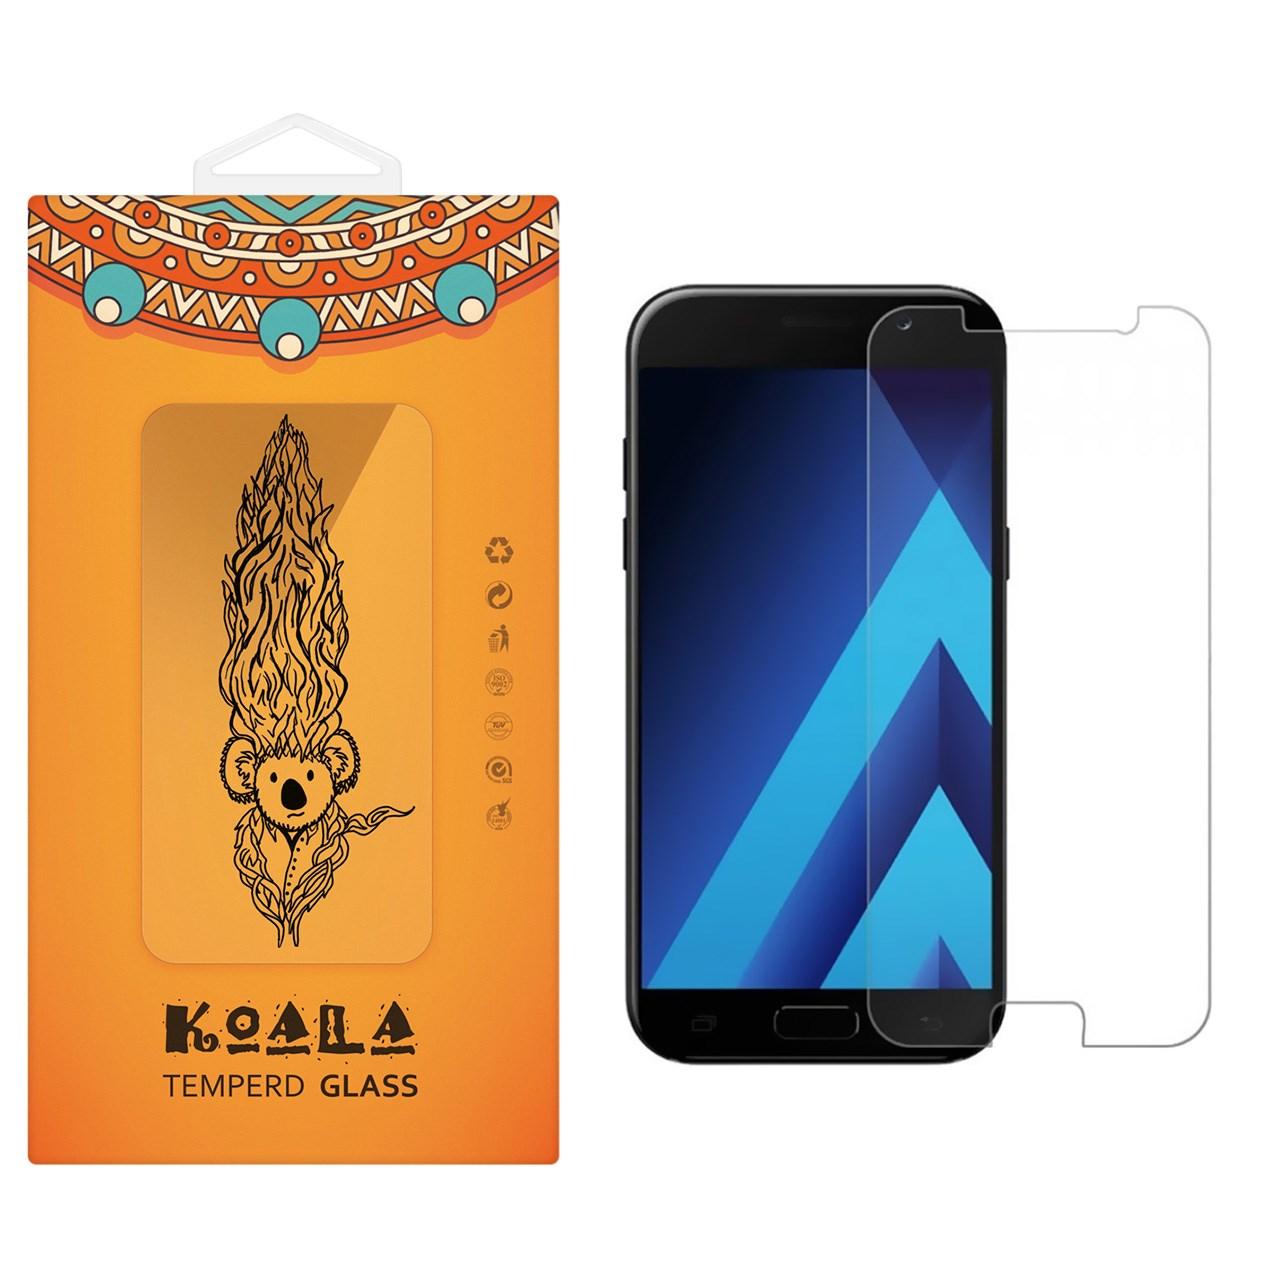 محافظ صفحه نمایش شیشه ای کوالا مدل Tempered مناسب برای گوشی موبایل سامسونگ Galaxy A7 2017